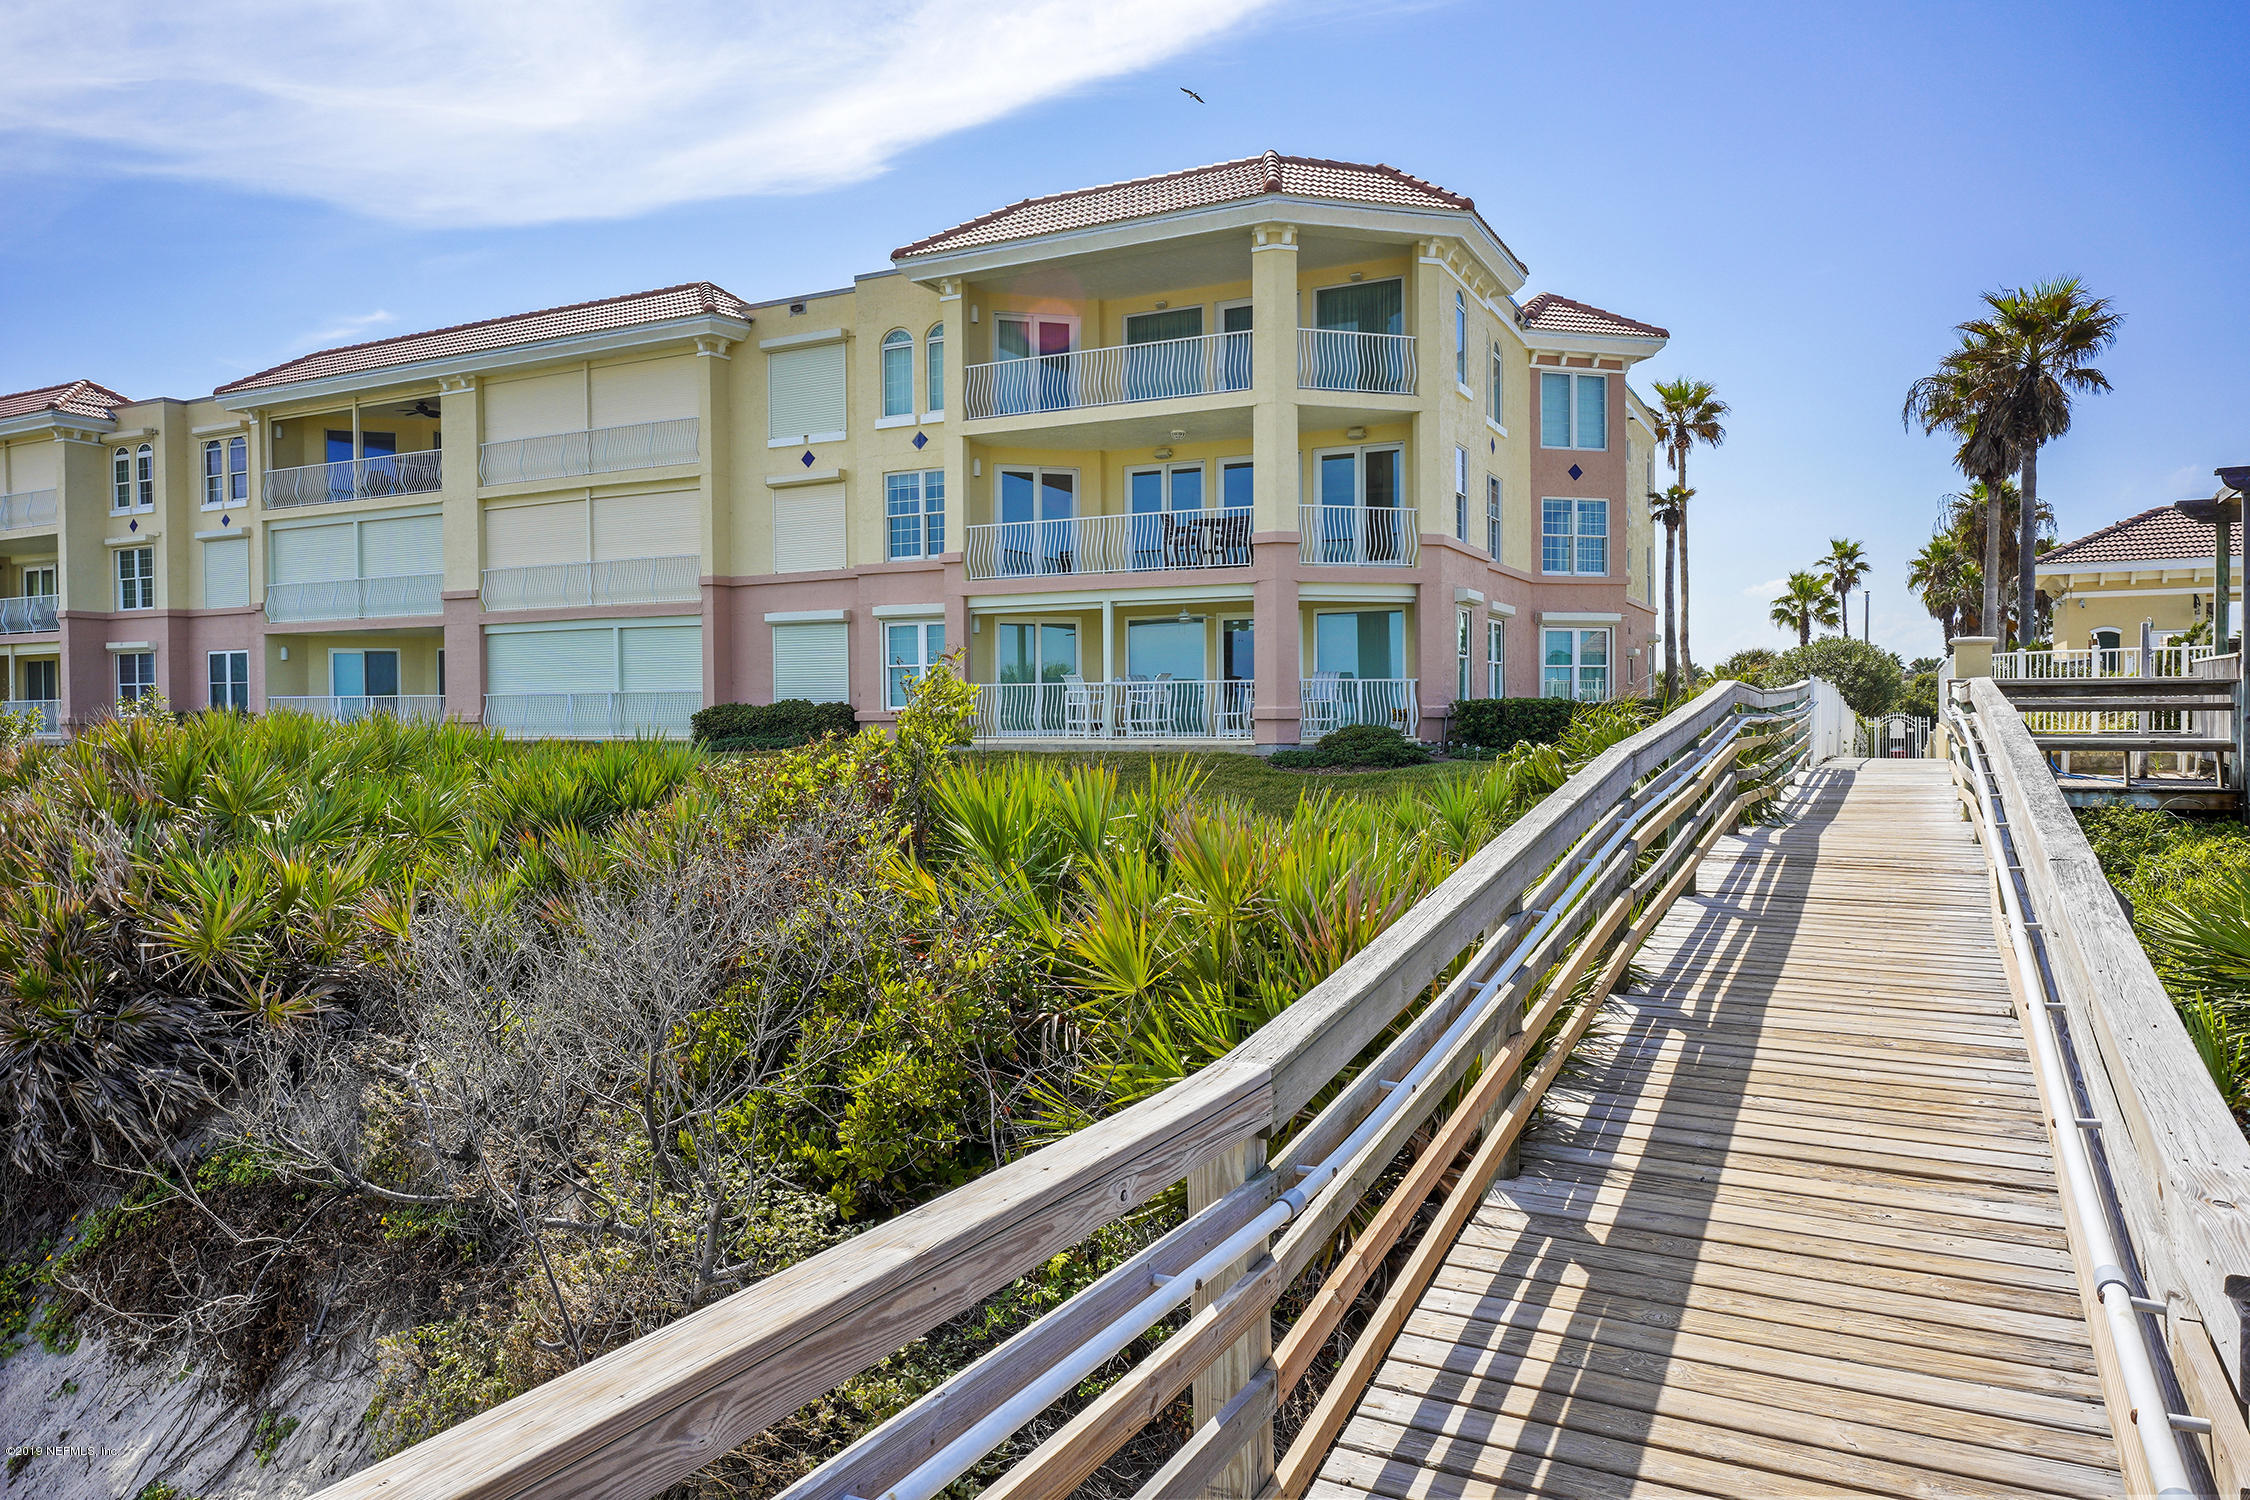 110 SERENATA, PONTE VEDRA BEACH, FLORIDA 32082, 4 Bedrooms Bedrooms, ,3 BathroomsBathrooms,Residential - condos/townhomes,For sale,SERENATA,1019534